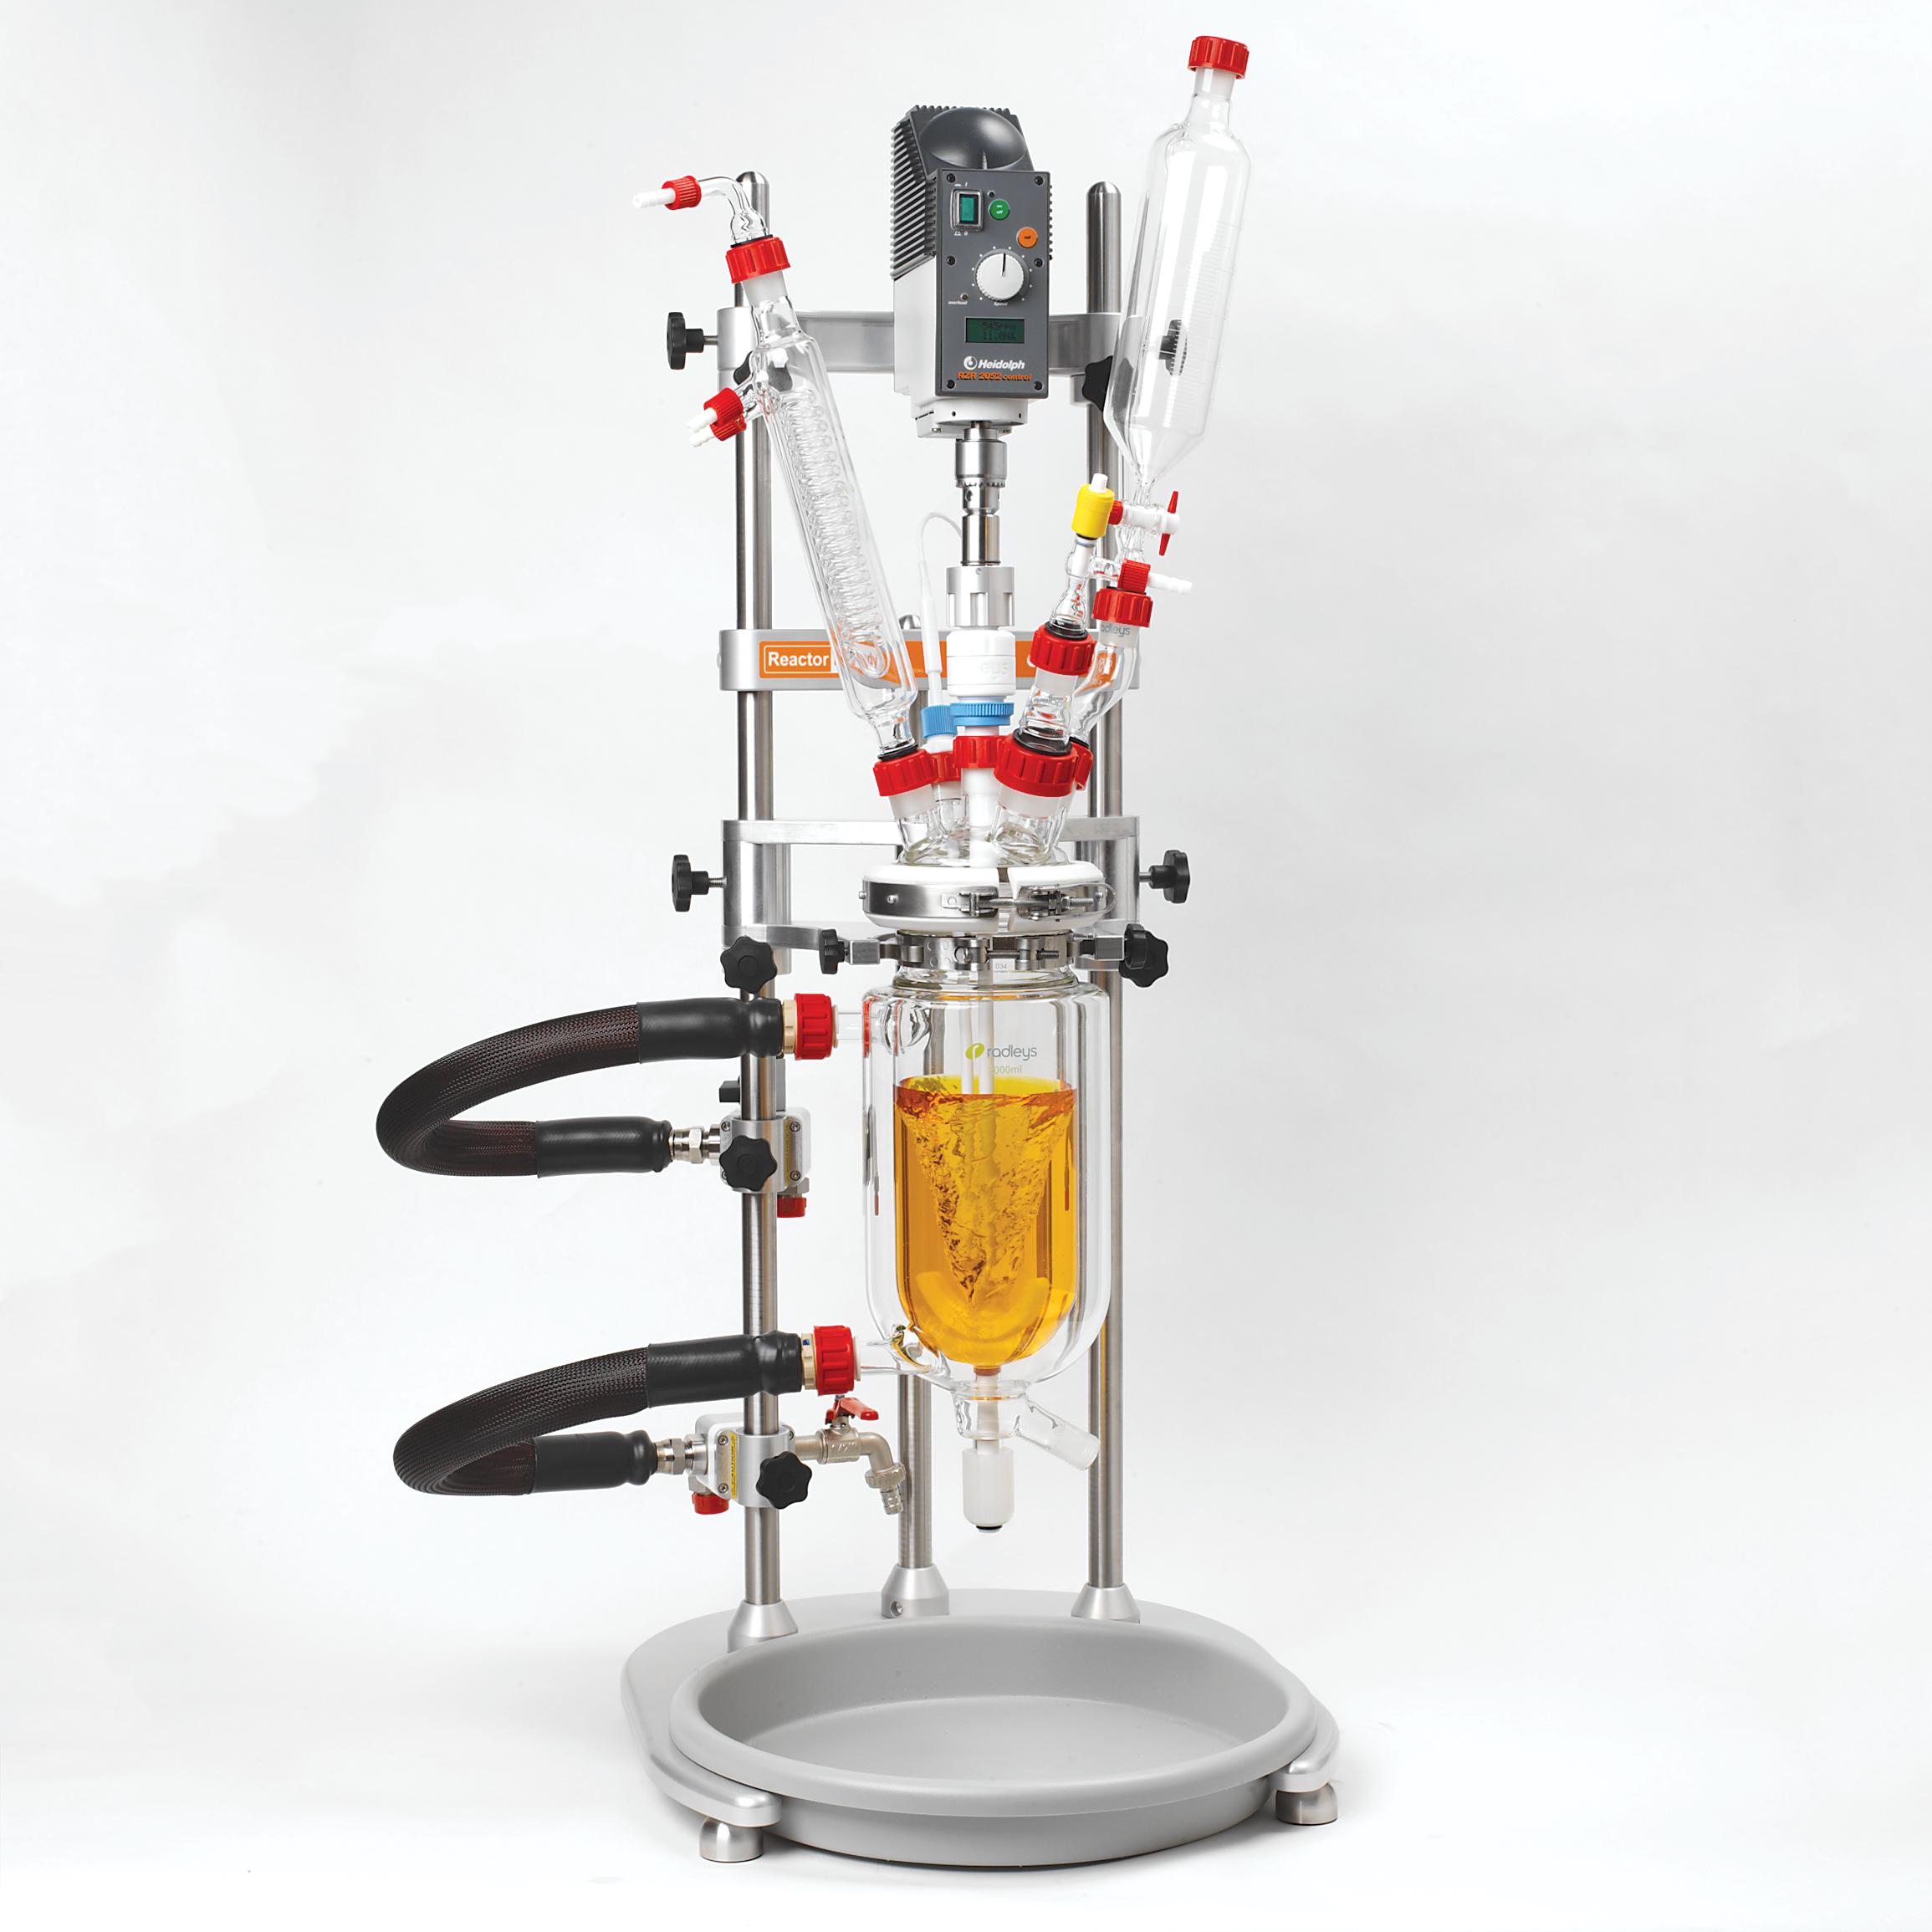 RA15297 Reactor-Ready clean